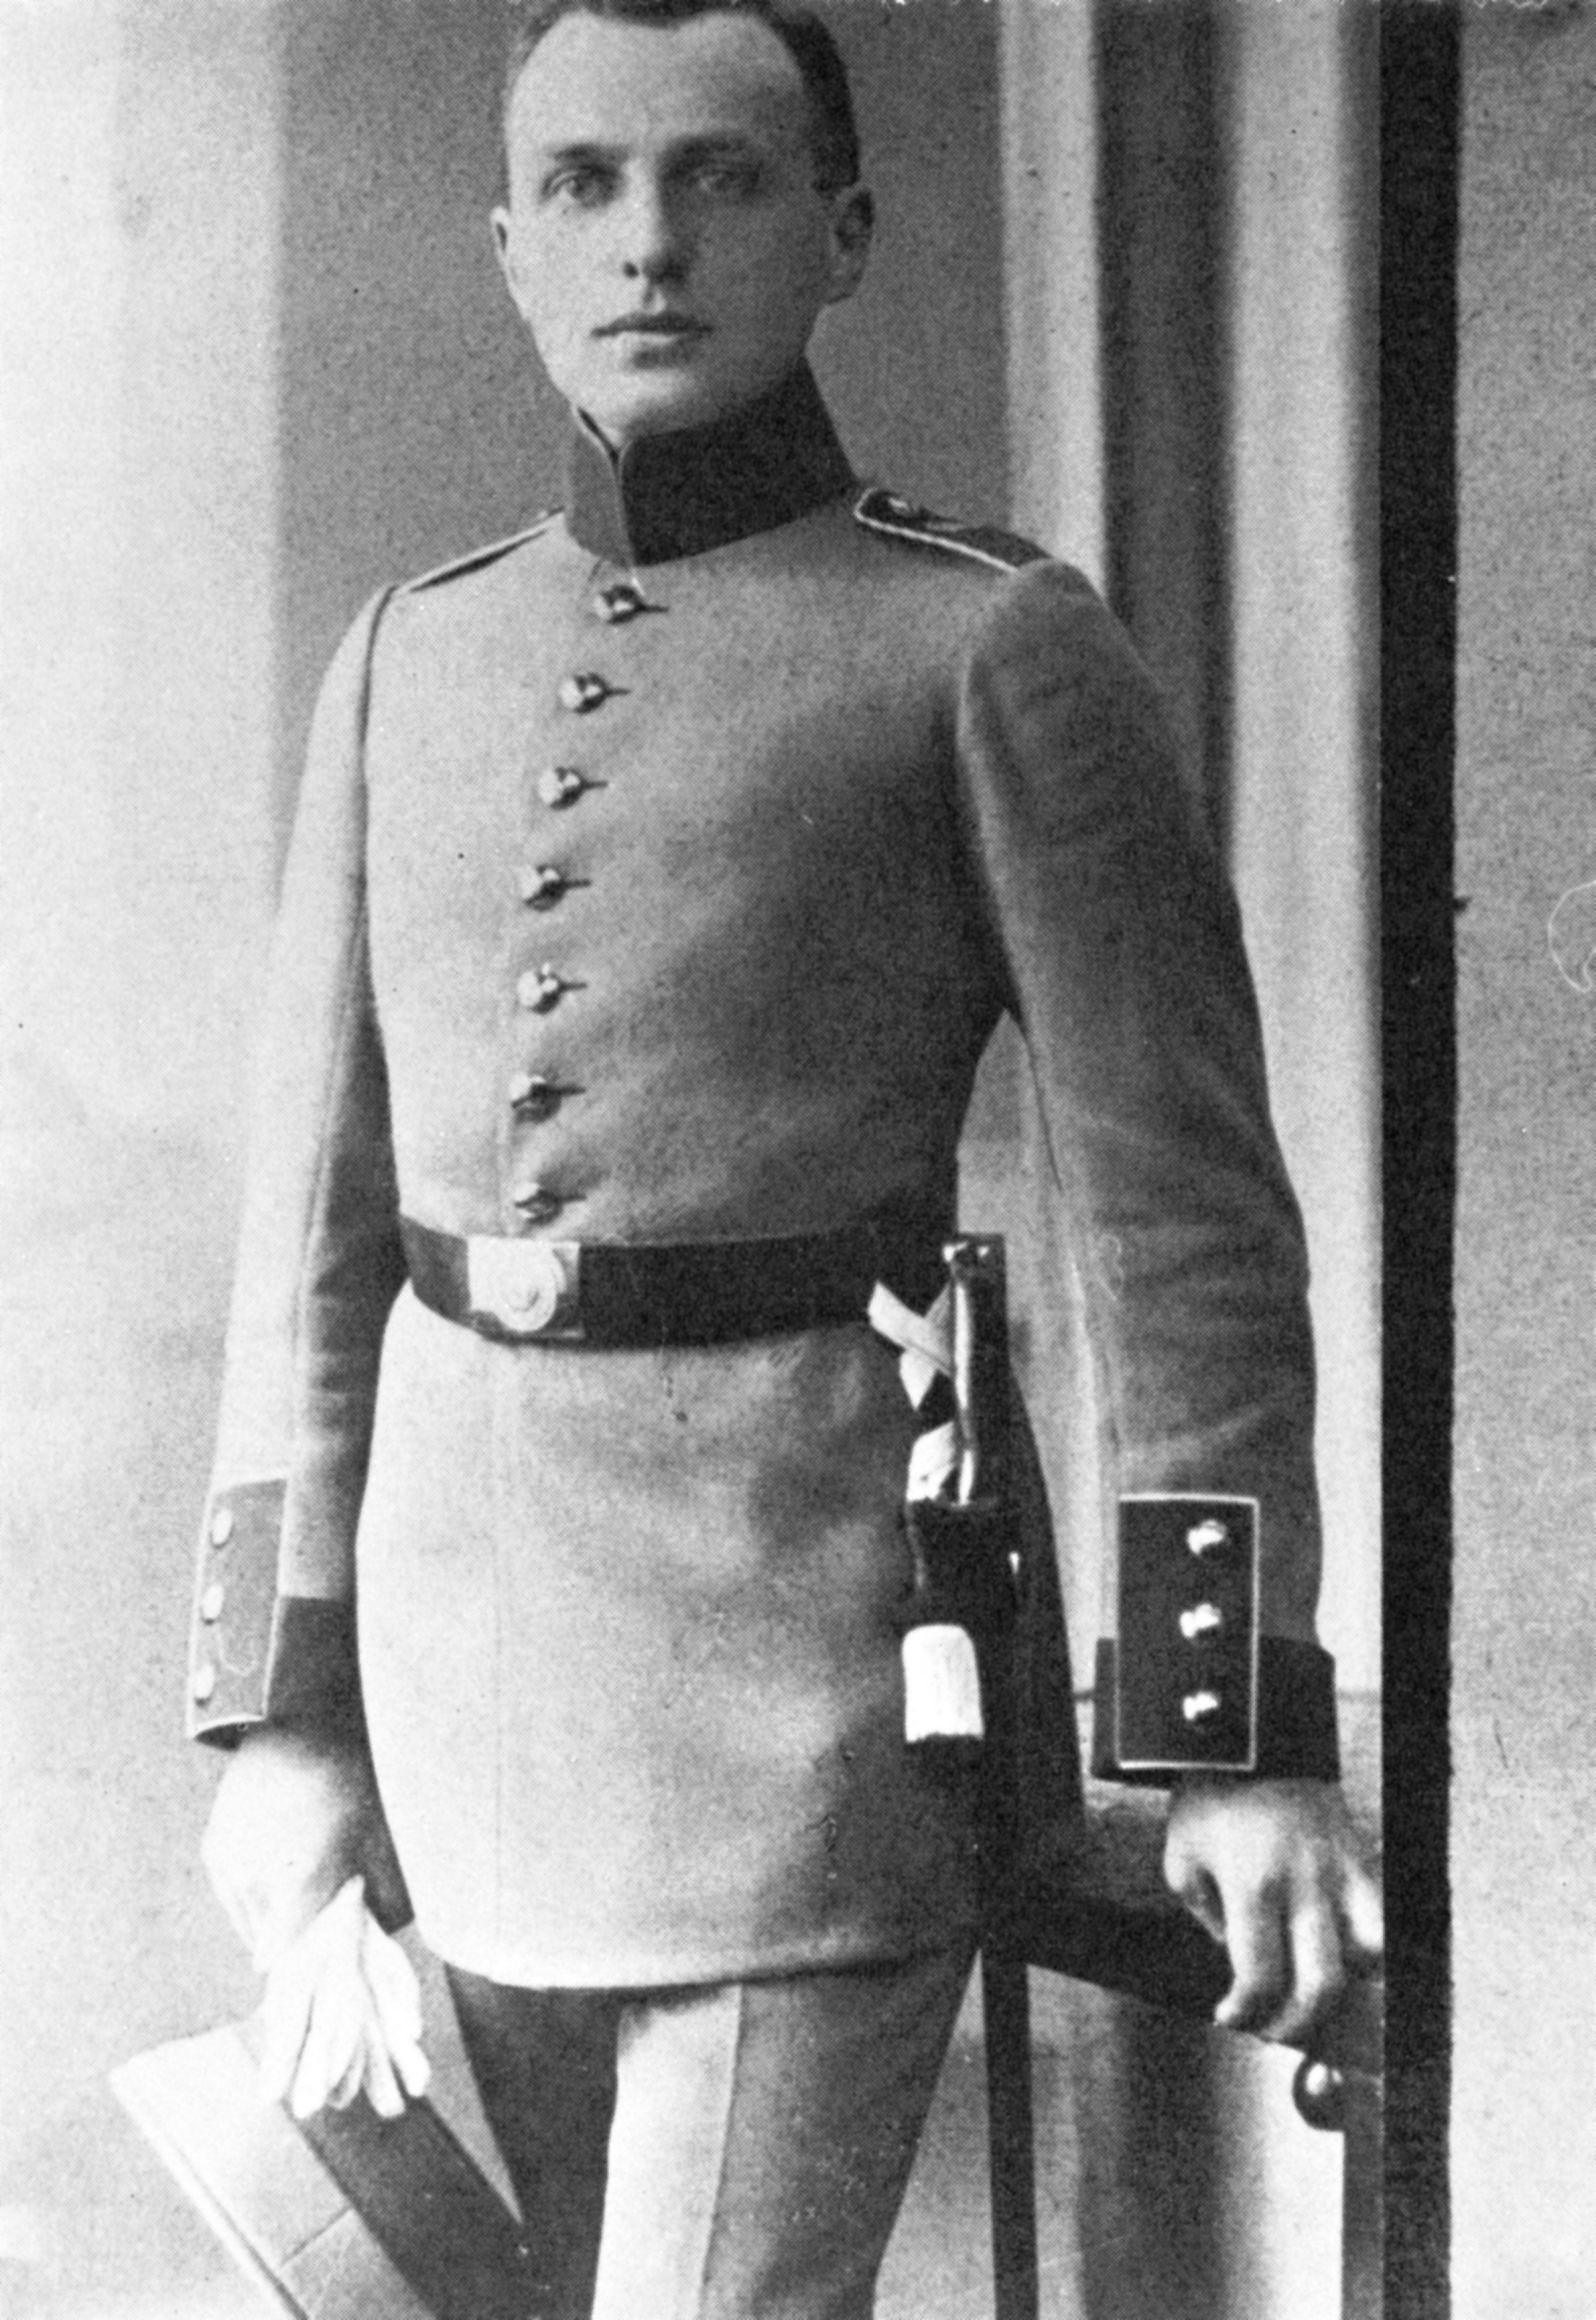 Portre of Lichtenstein, Alfred